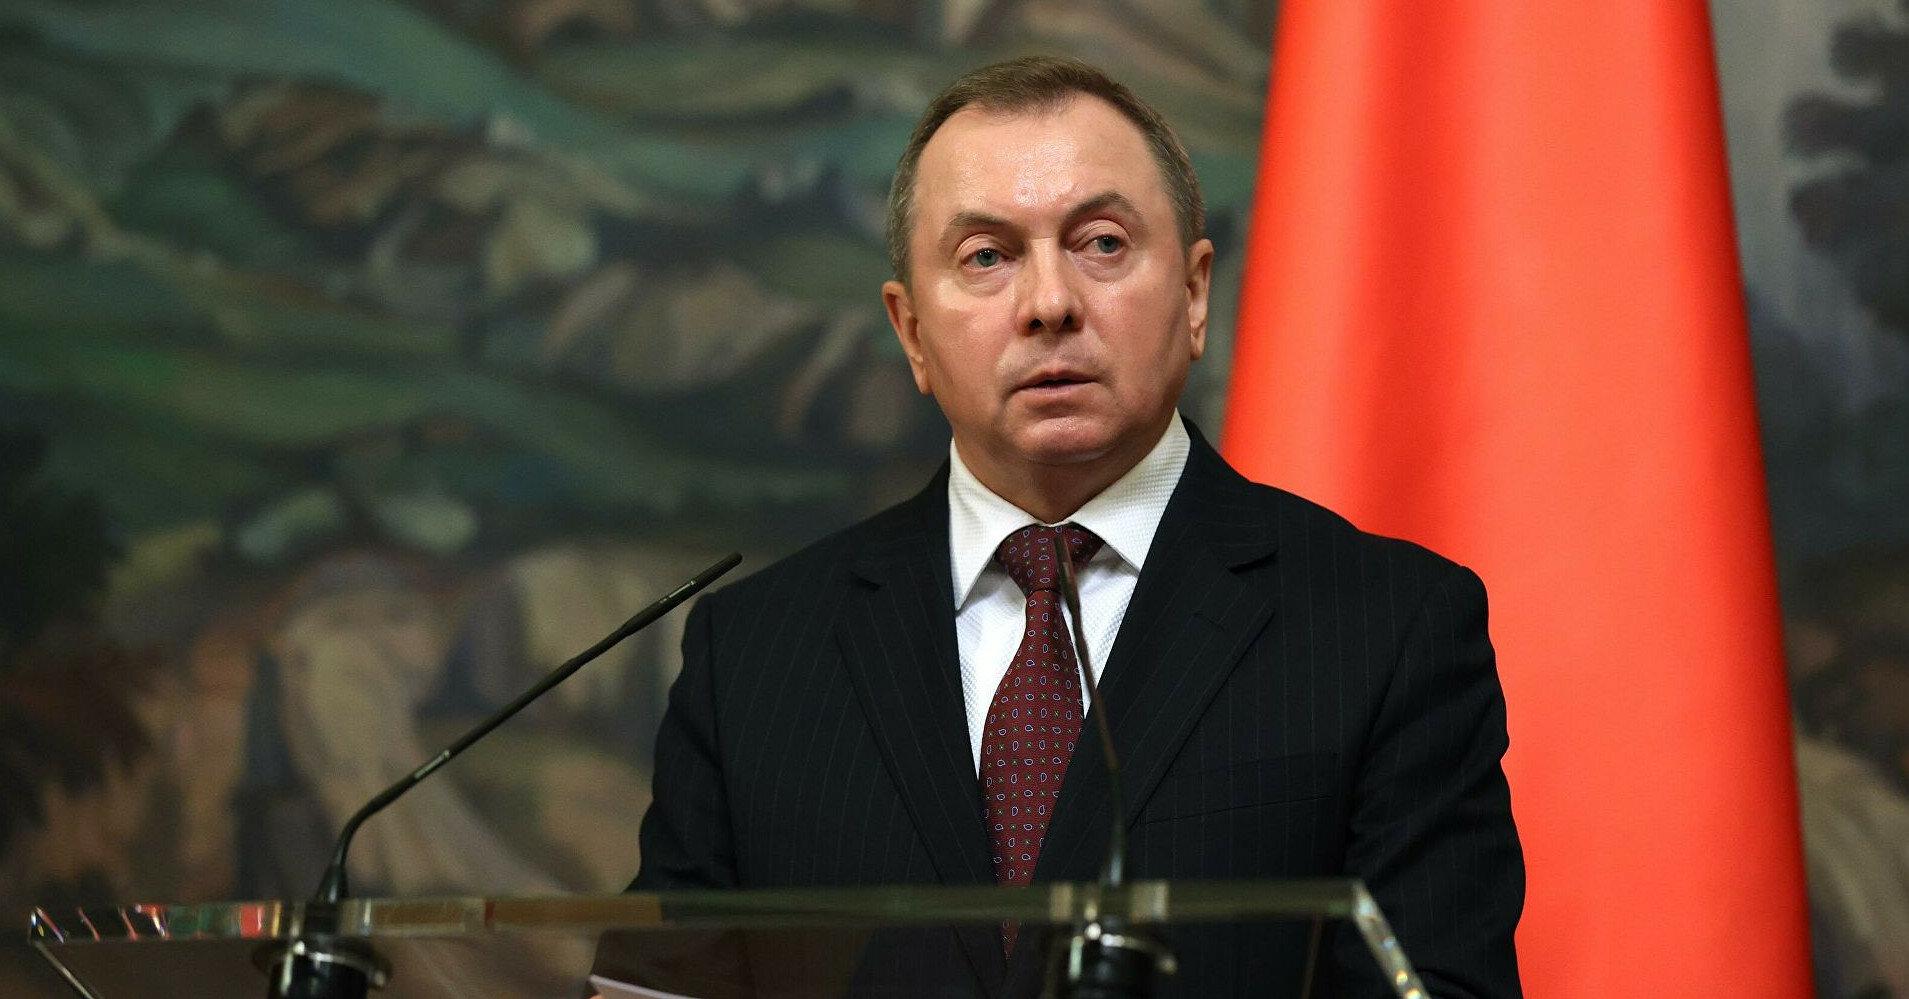 Беларусь высылает посла Латвии и всех латвийских дипломатов